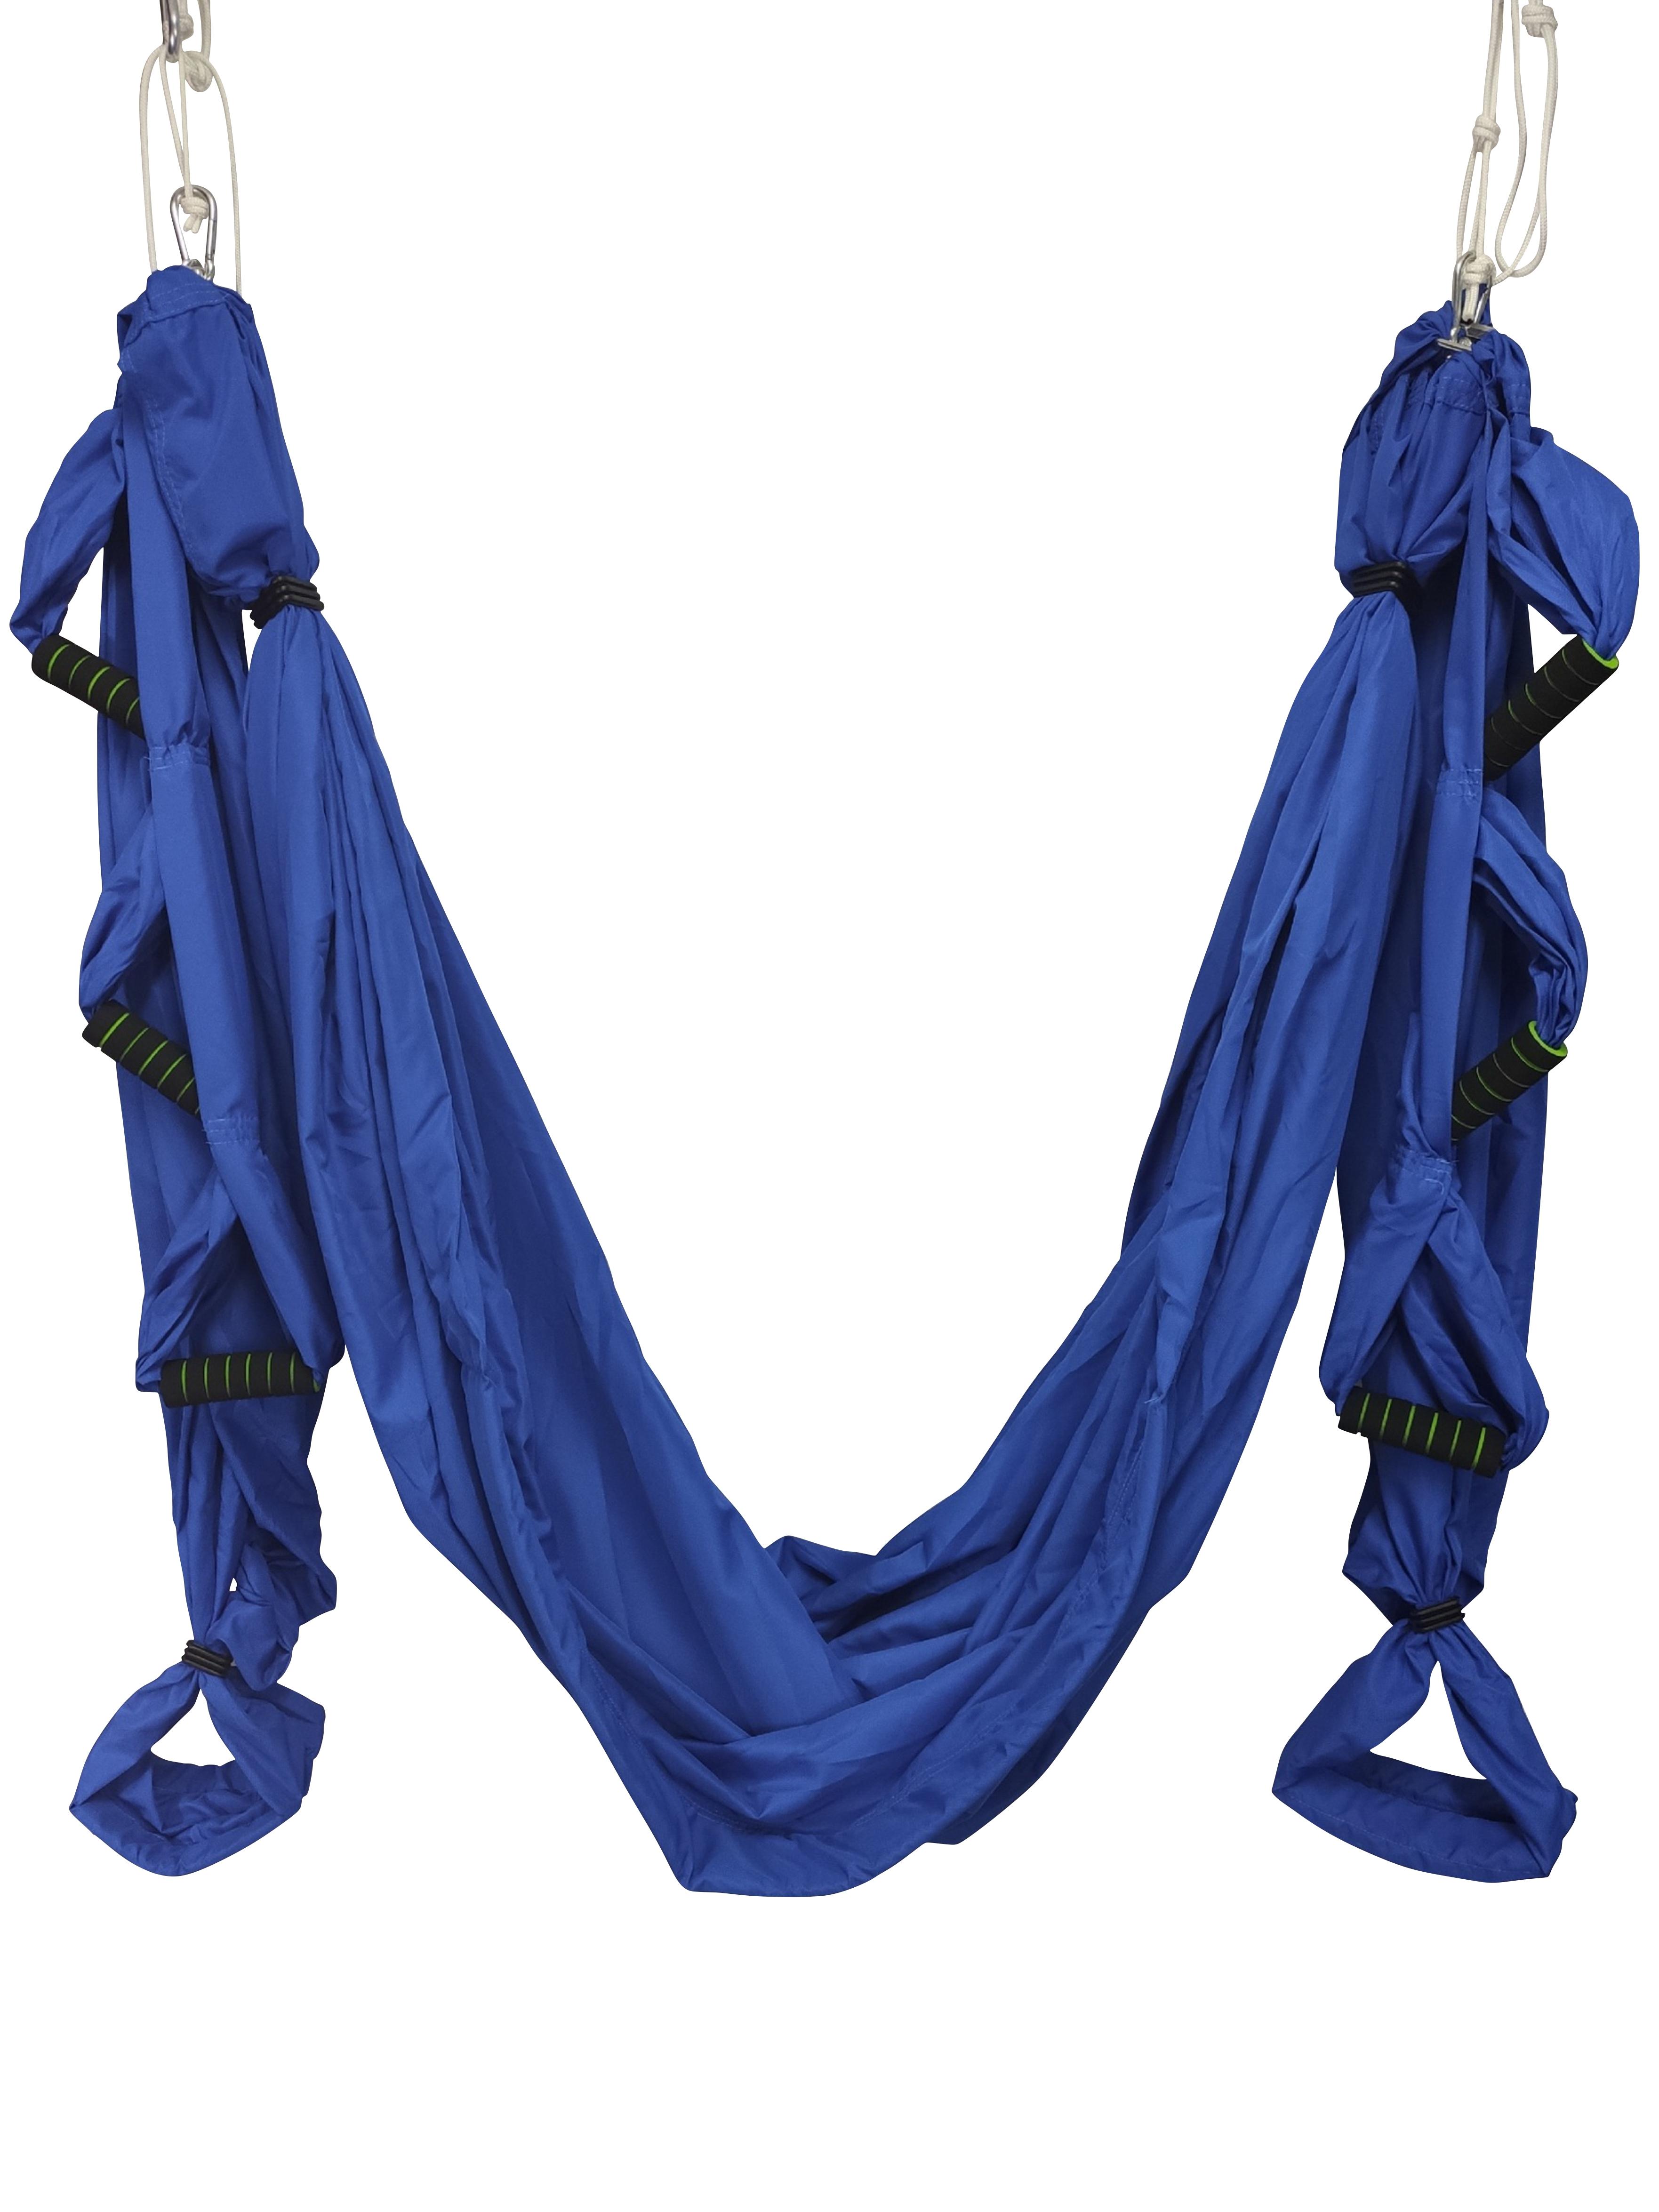 Йога-гамак Universal (1.6 кг, синий, 165 см) йога гамак universal pro 1 6 кг 270 см красный 160см